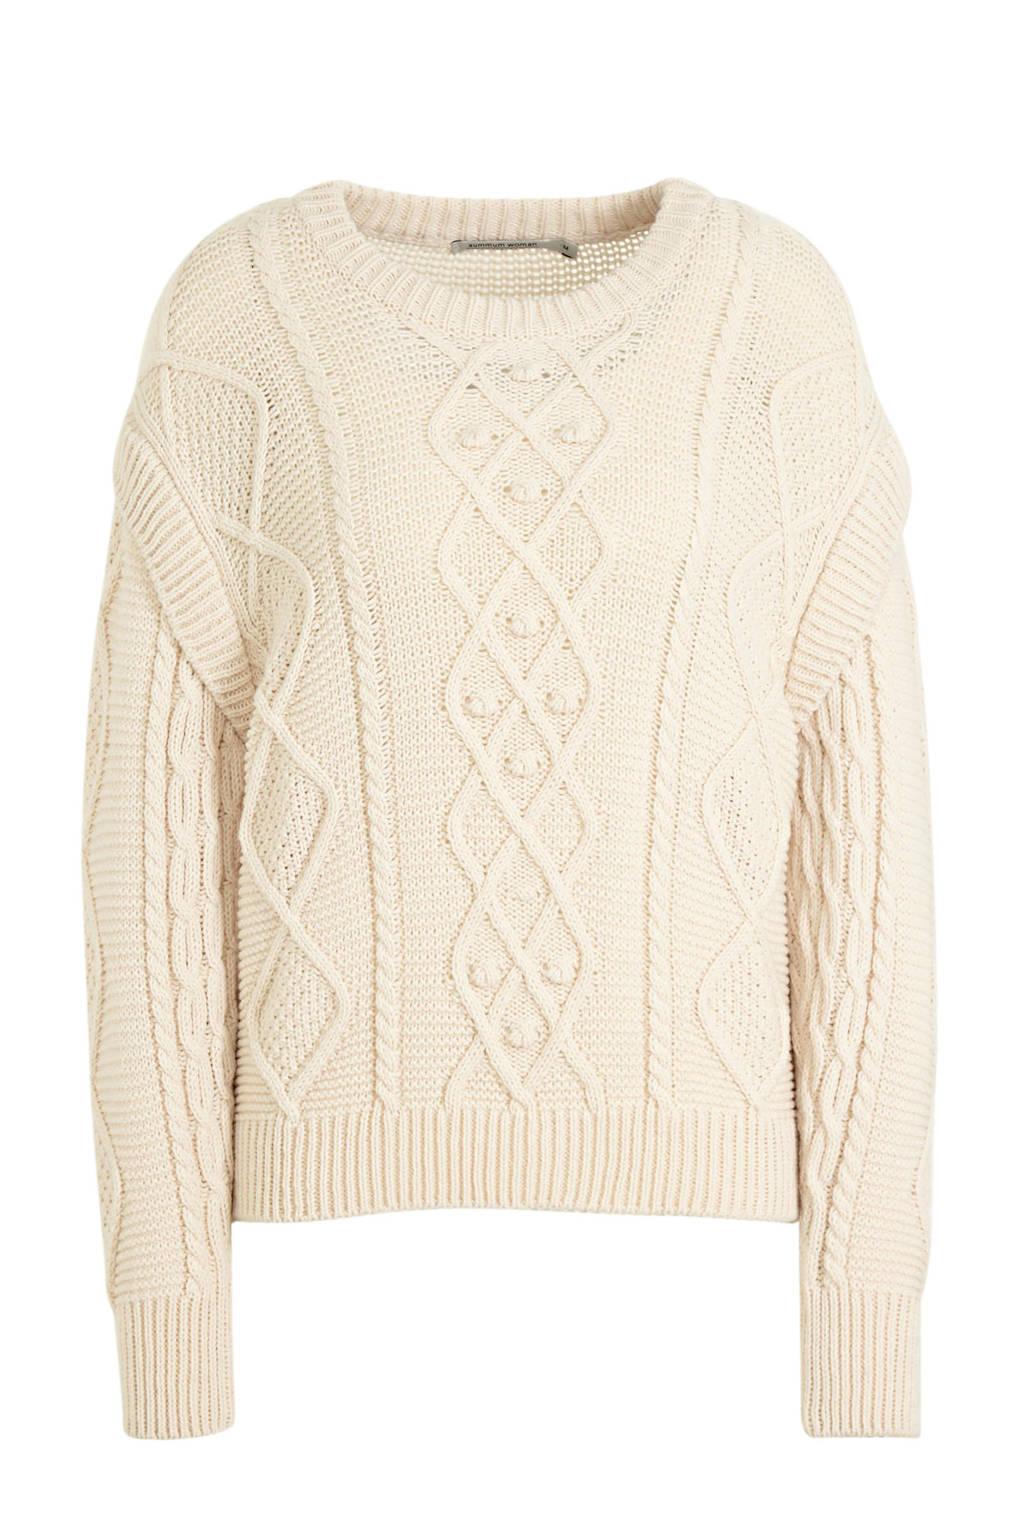 Summum Woman trui Cable sweater wool blend knit met wol ecru, Ecru